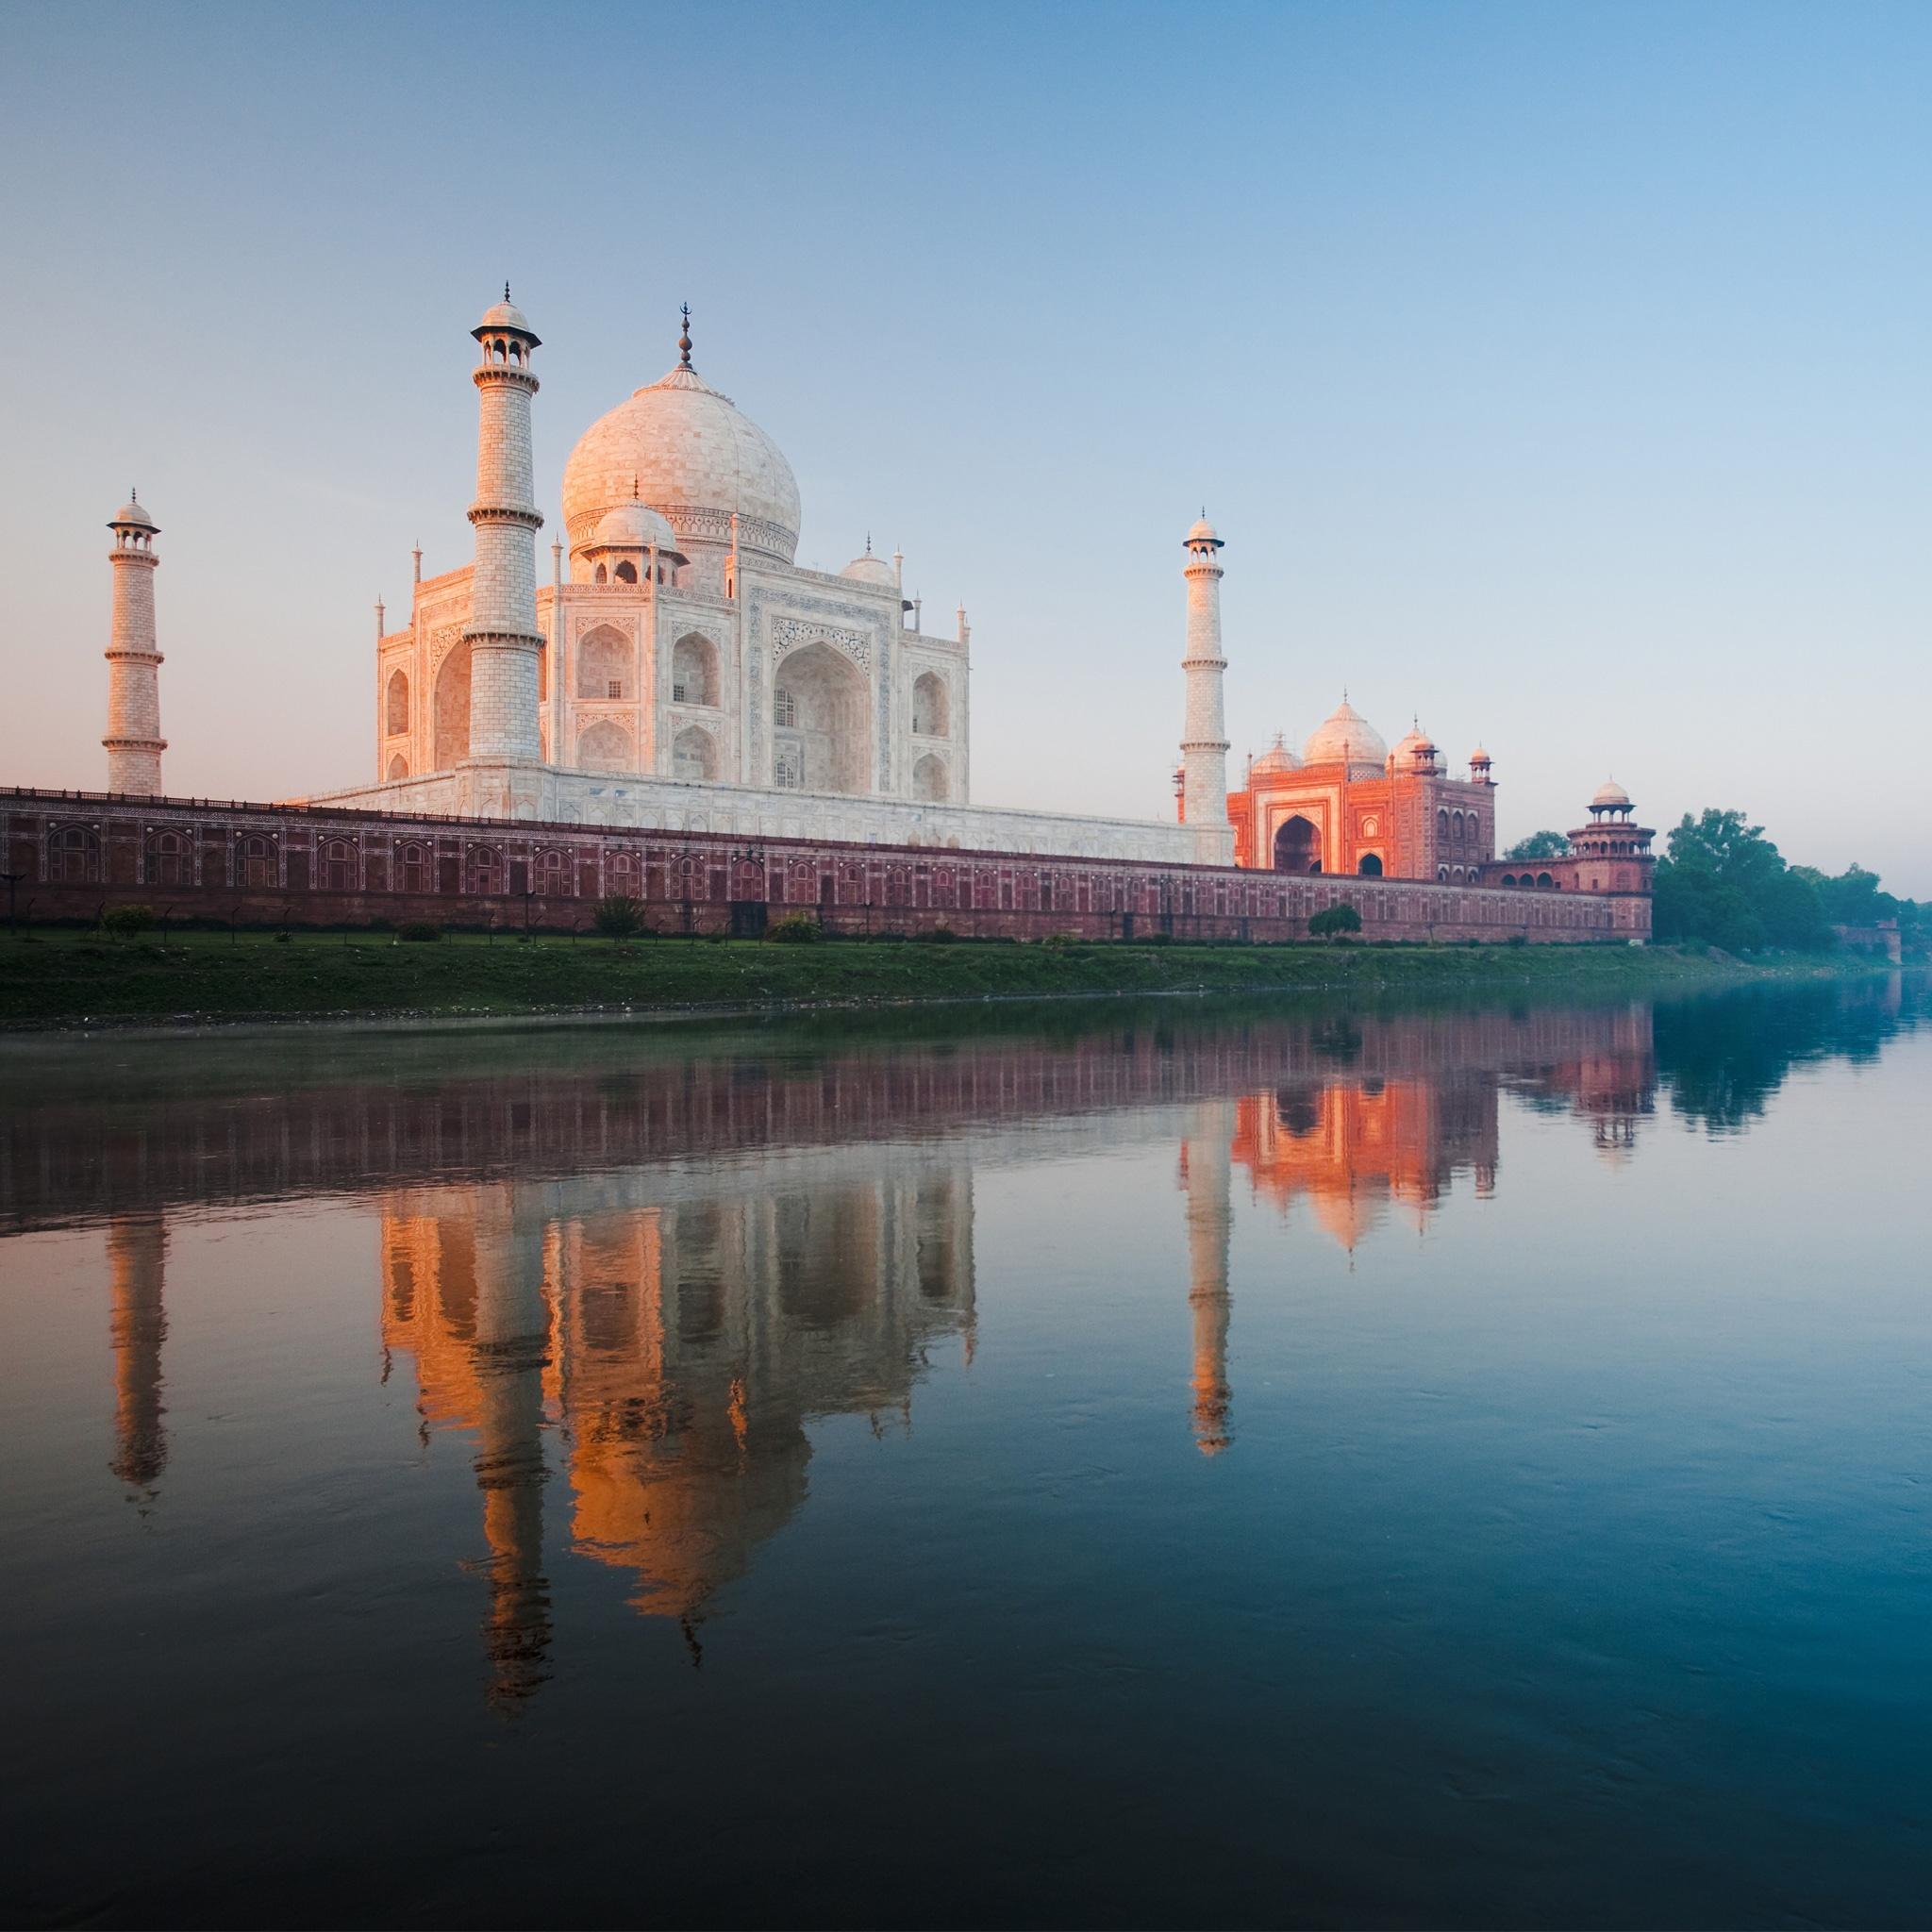 Taj Mahal Hd Wallpaper Taj Mahal Hd 4k 5k Wallpapers In Jpg Format For Free Download